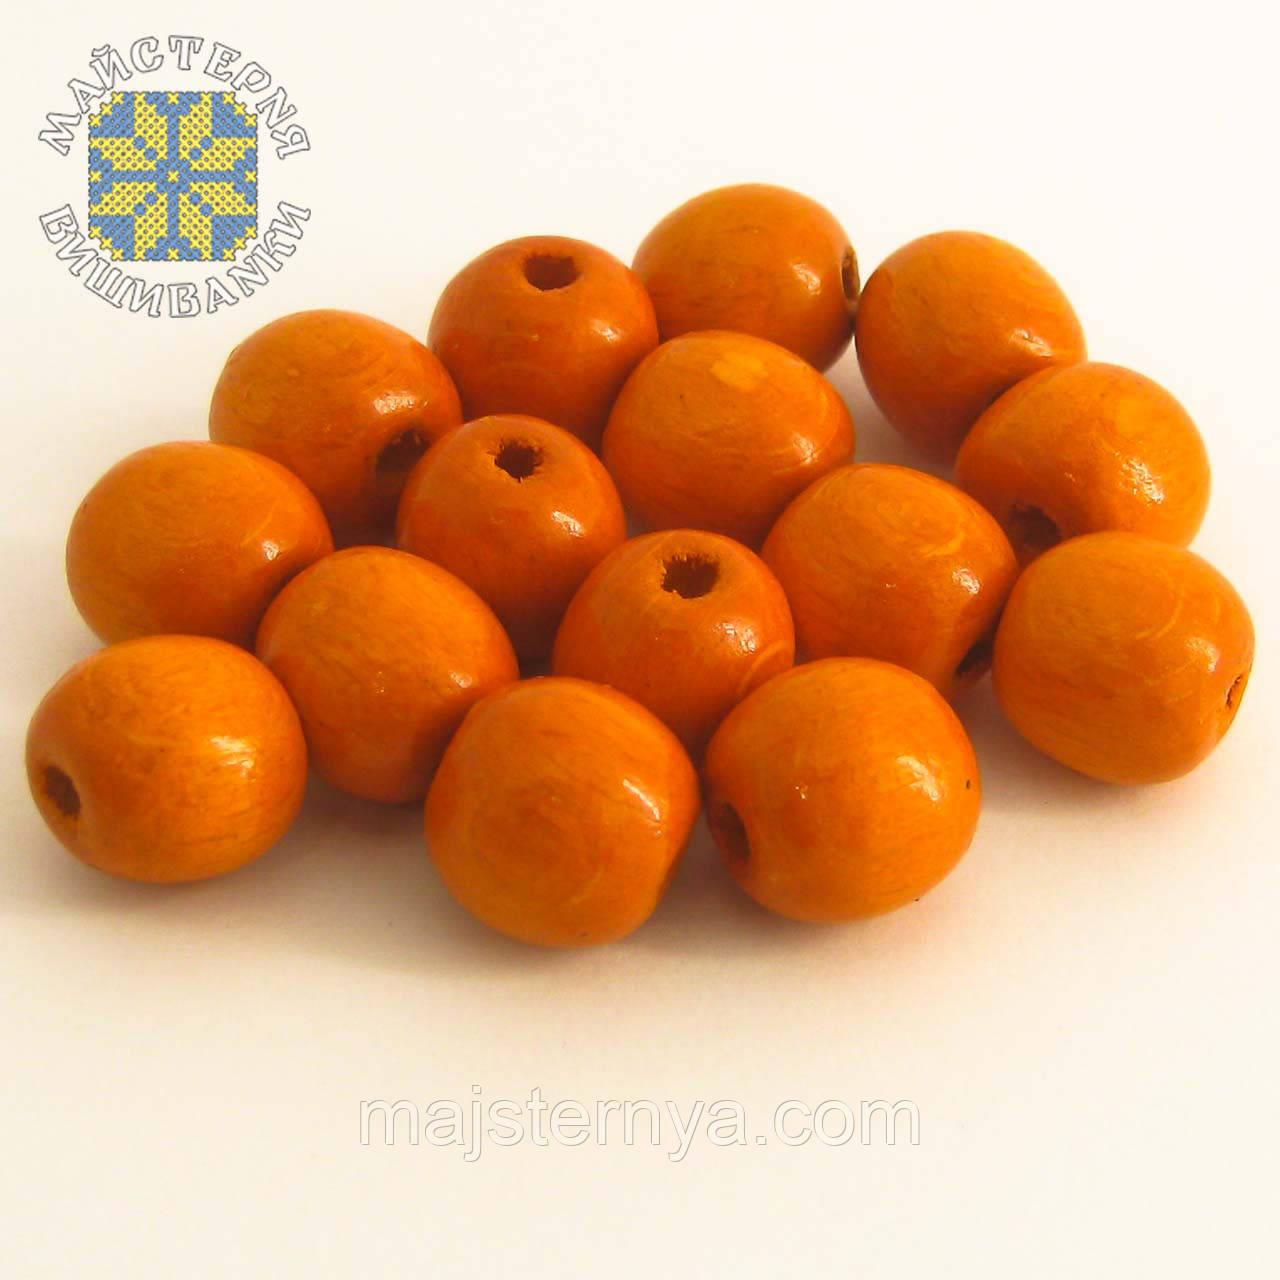 Дерев'яні бусини 1,3см помаранчевого кольору